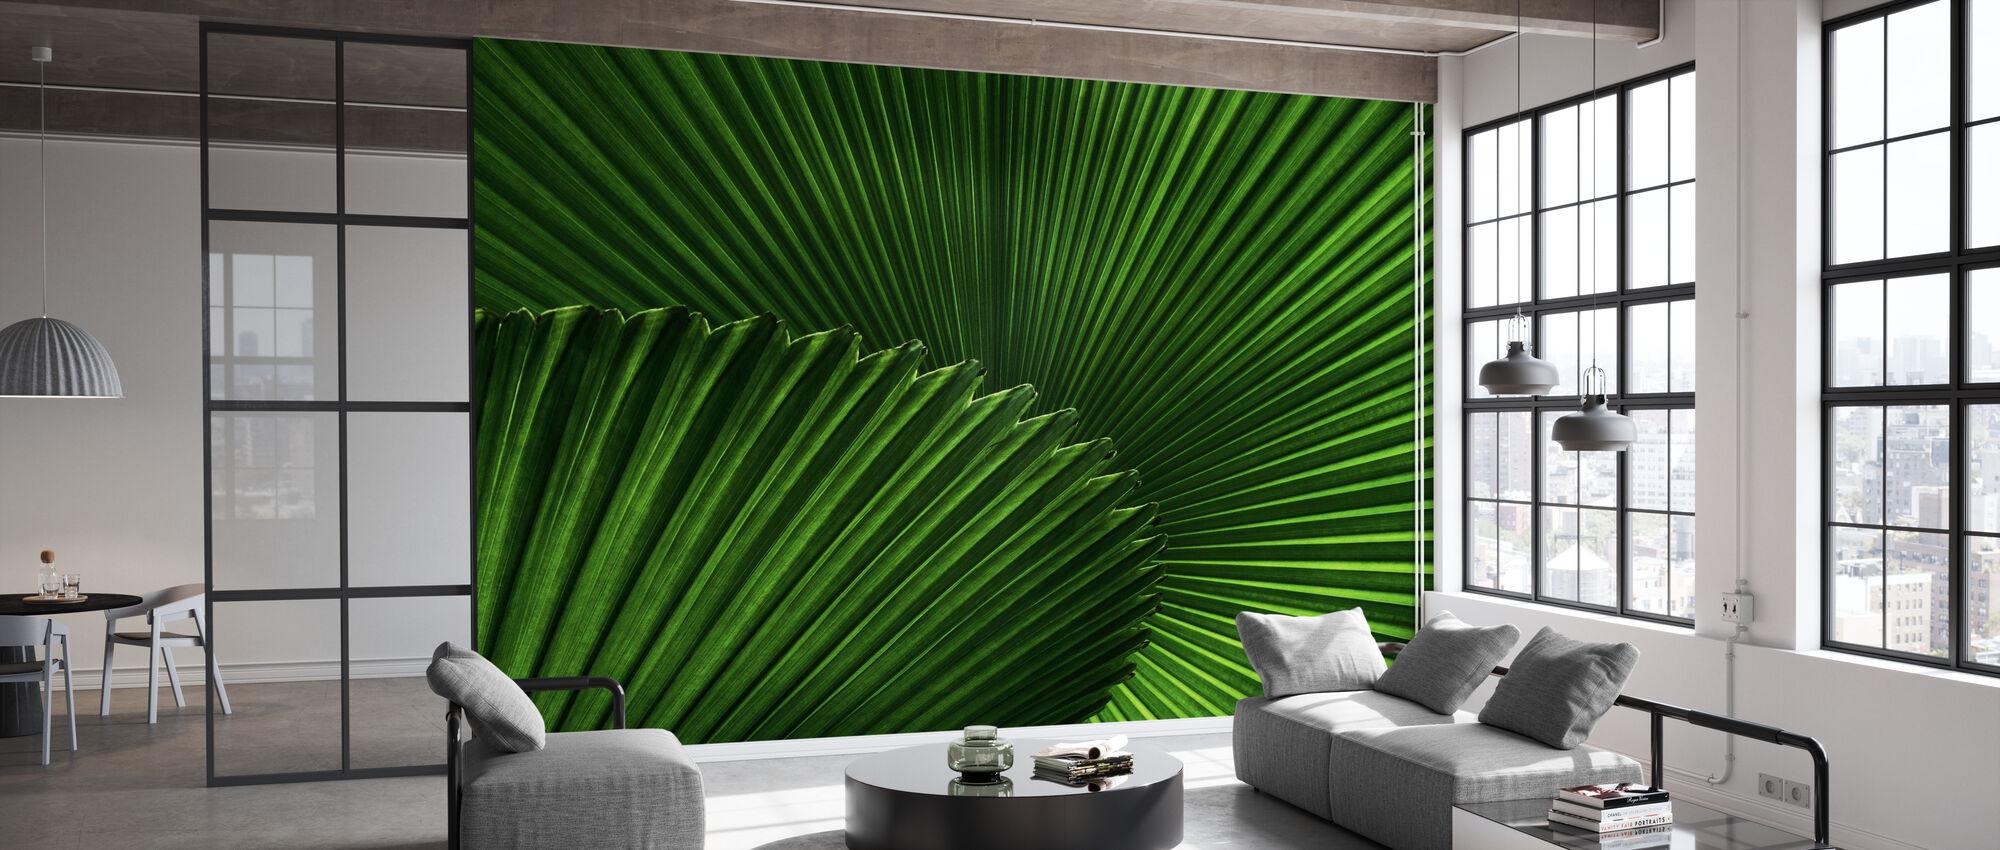 Fan Palm Leaves - Wallpaper - Office